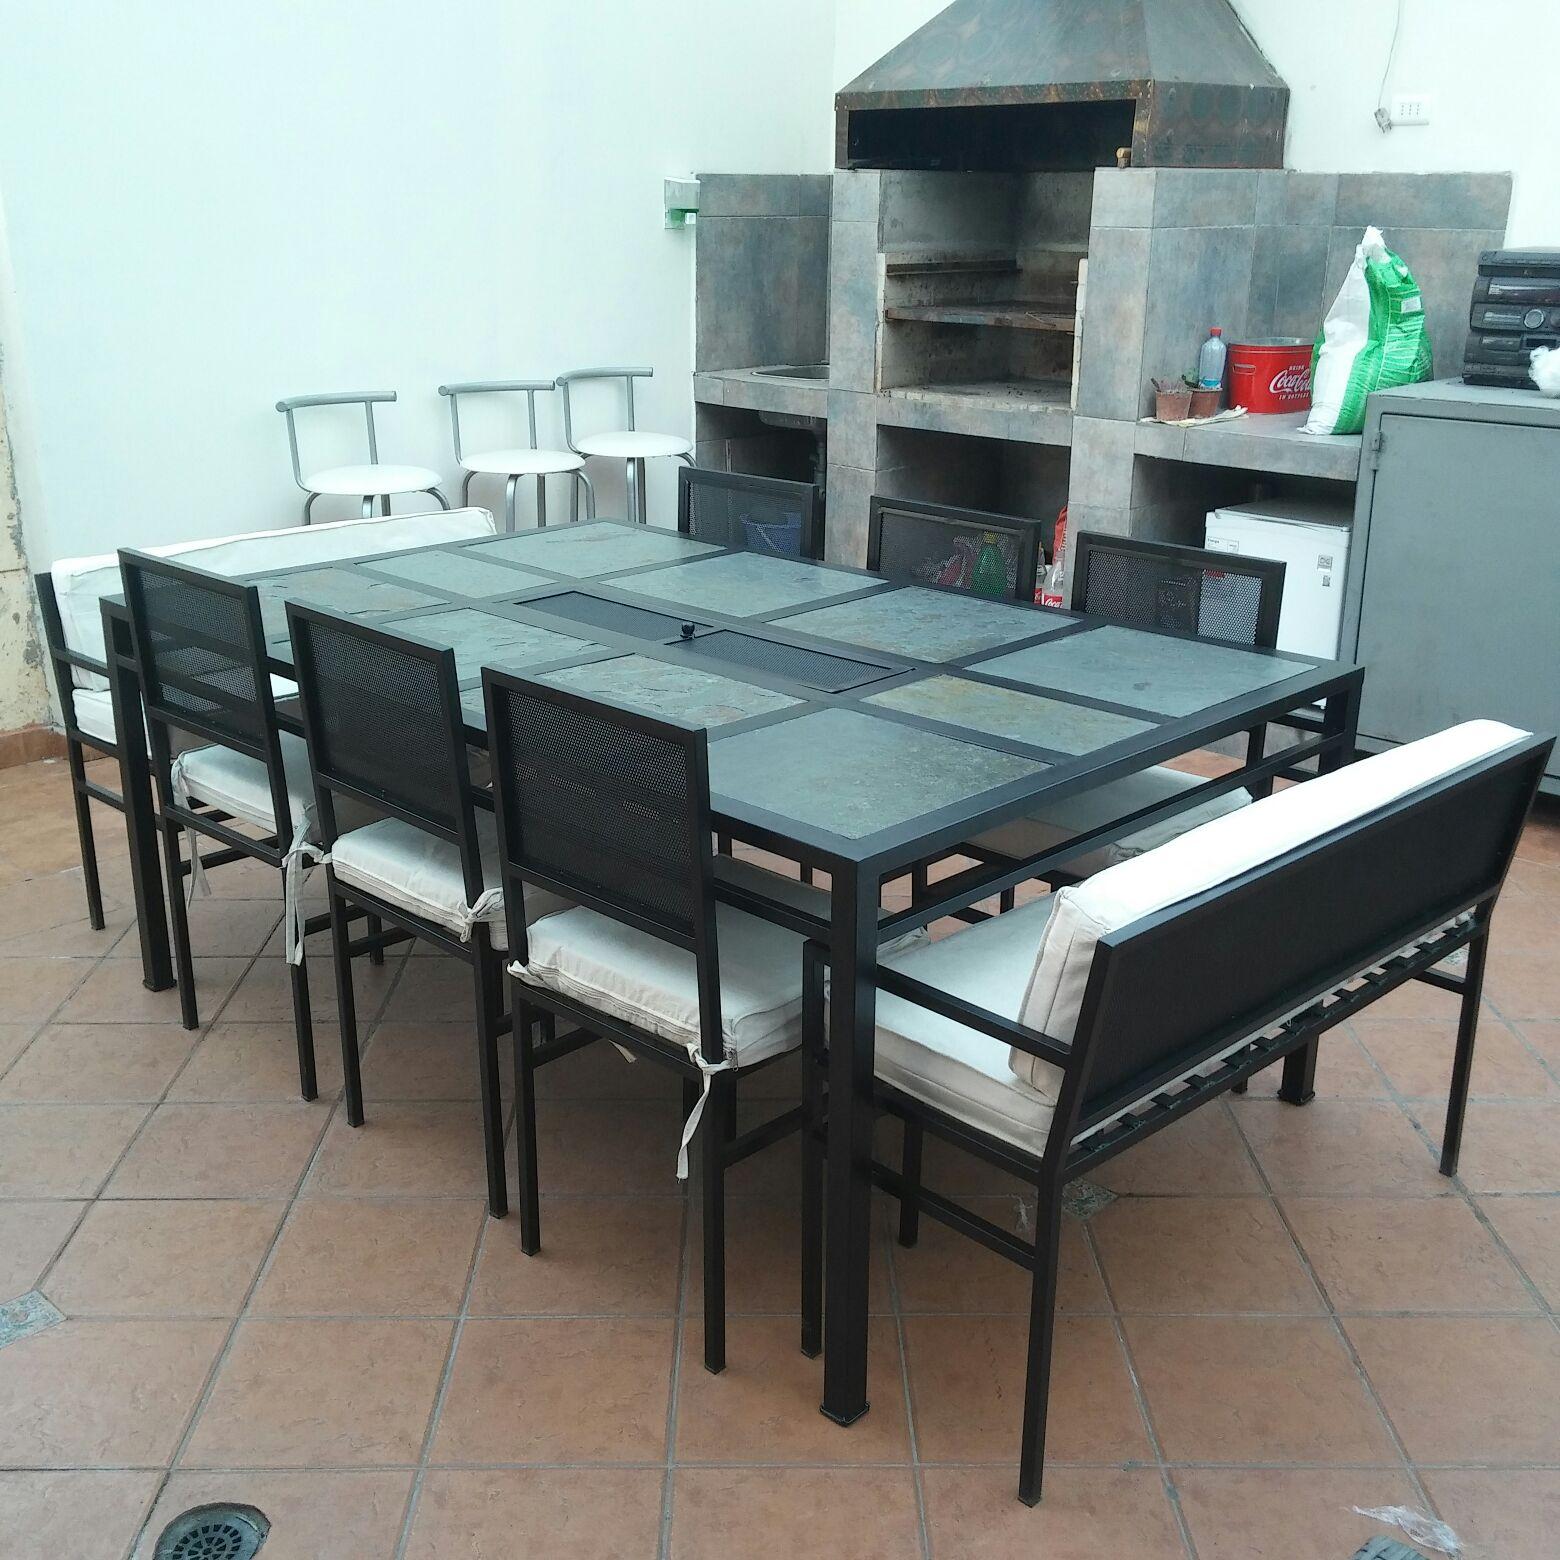 Comedor 10 personas fierro con brasero muebles y terrazas - Muebles de terrazas ...